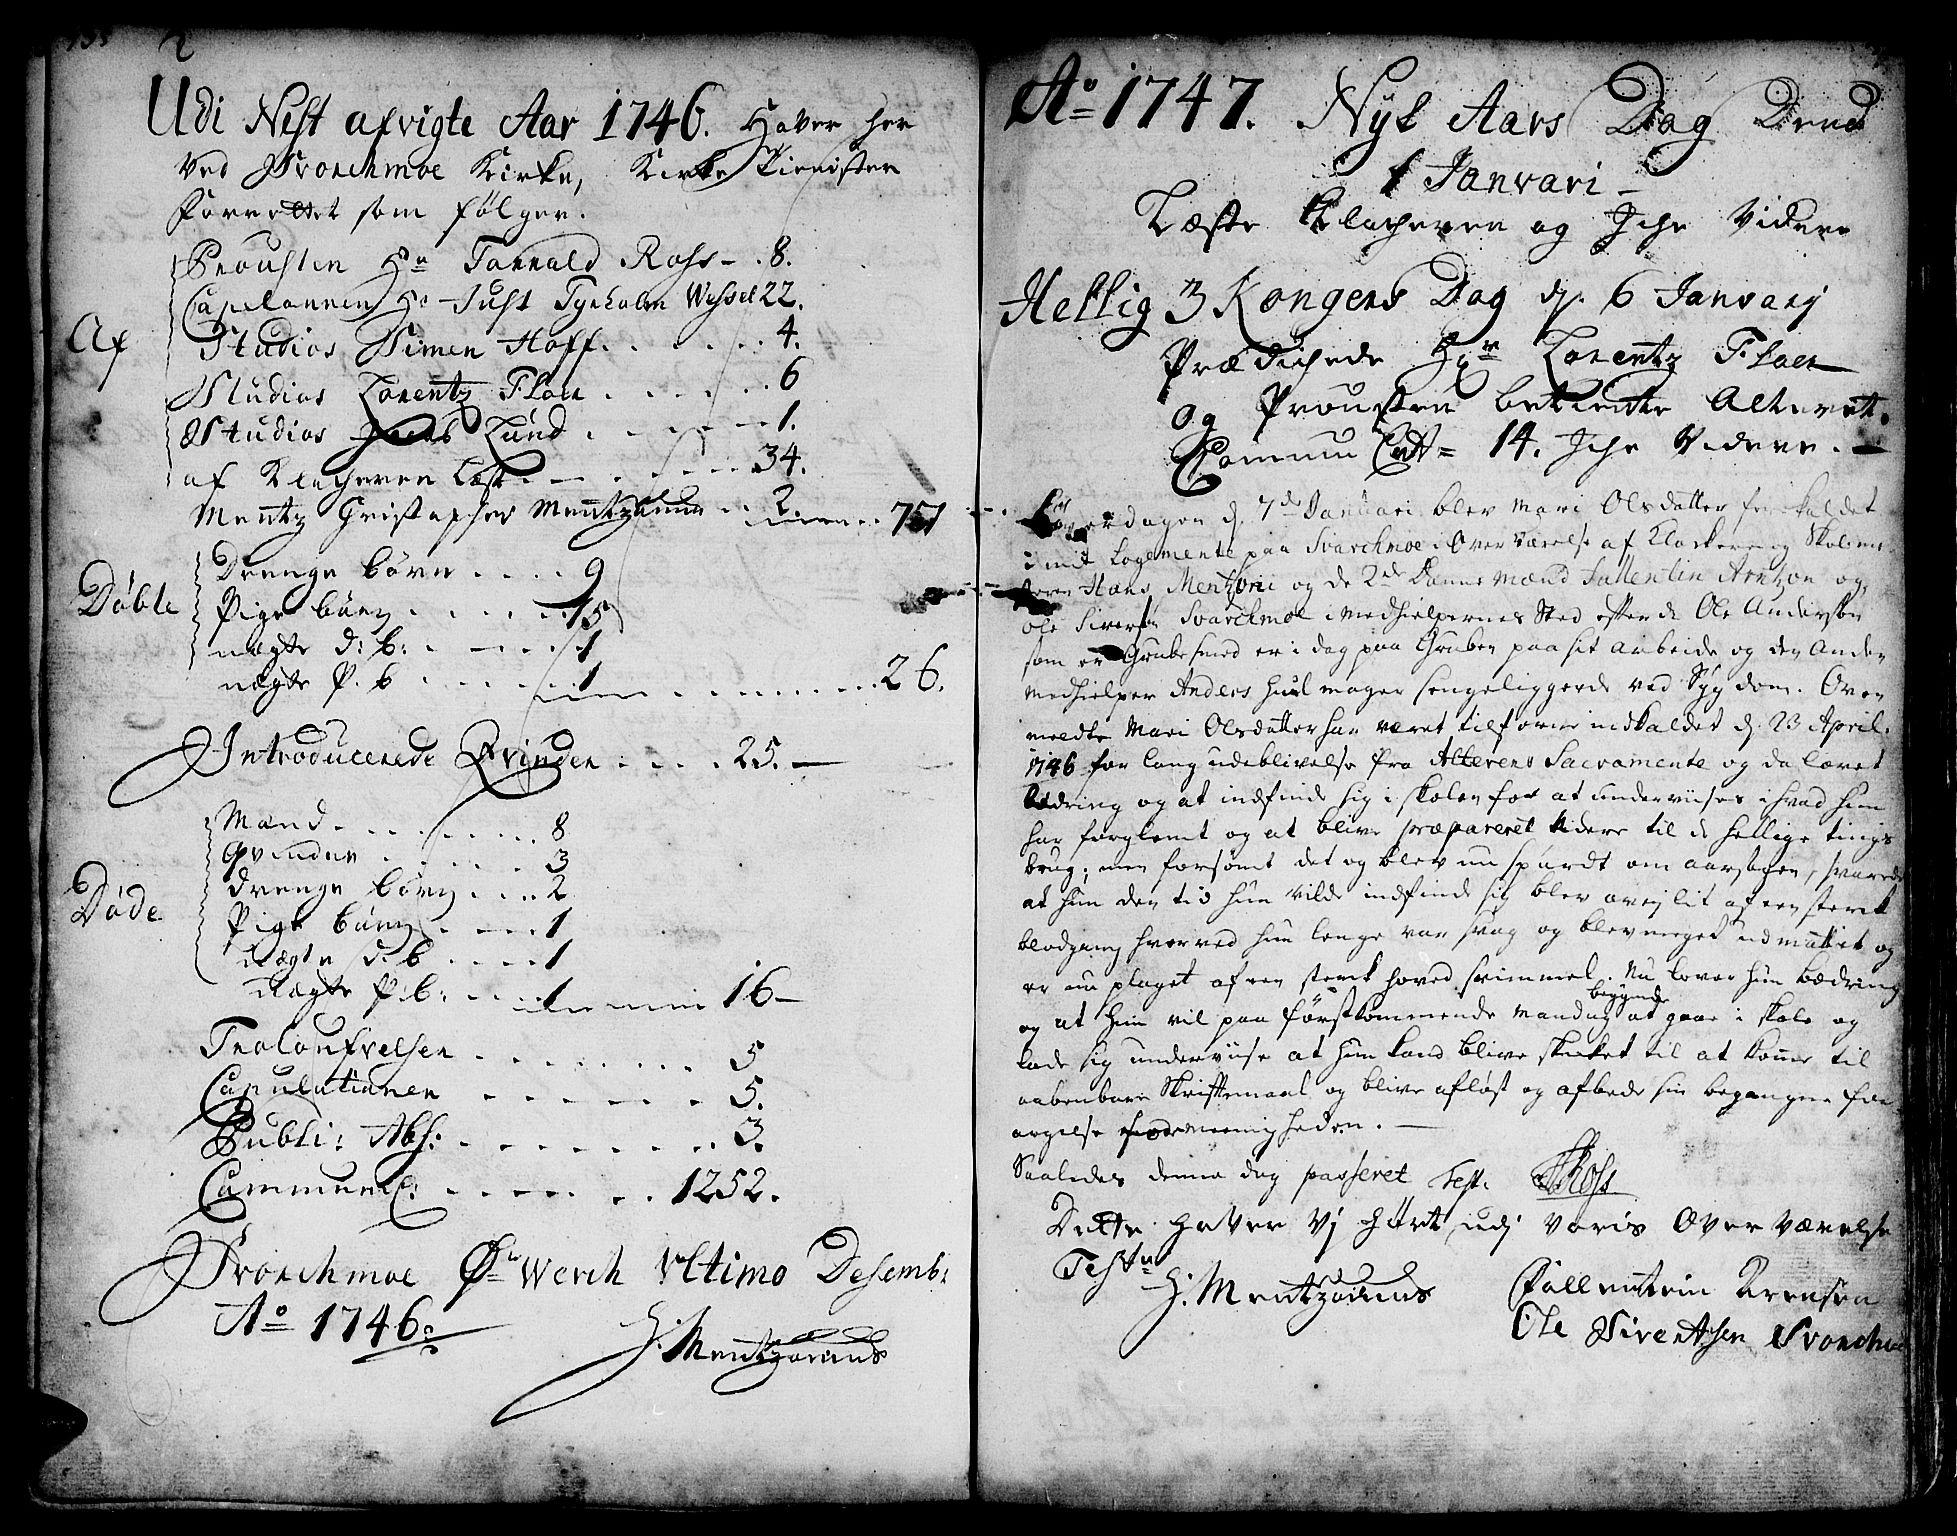 SAT, Ministerialprotokoller, klokkerbøker og fødselsregistre - Sør-Trøndelag, 671/L0839: Ministerialbok nr. 671A01, 1730-1755, s. 335-336